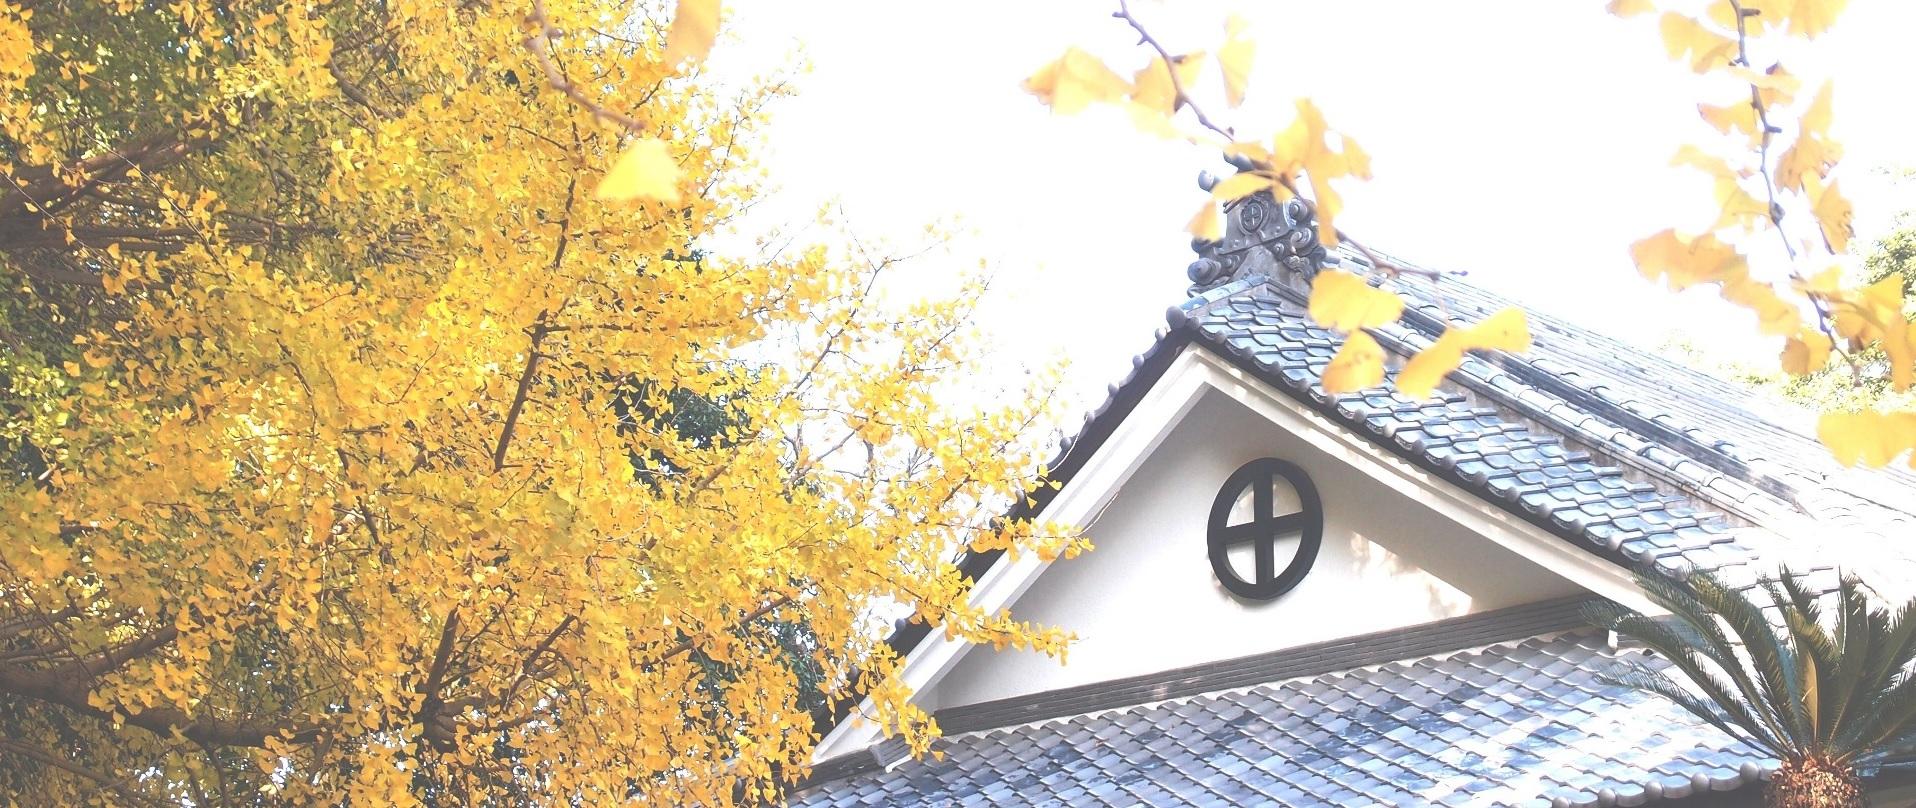 島津家菩提と歴史を遺し伝える